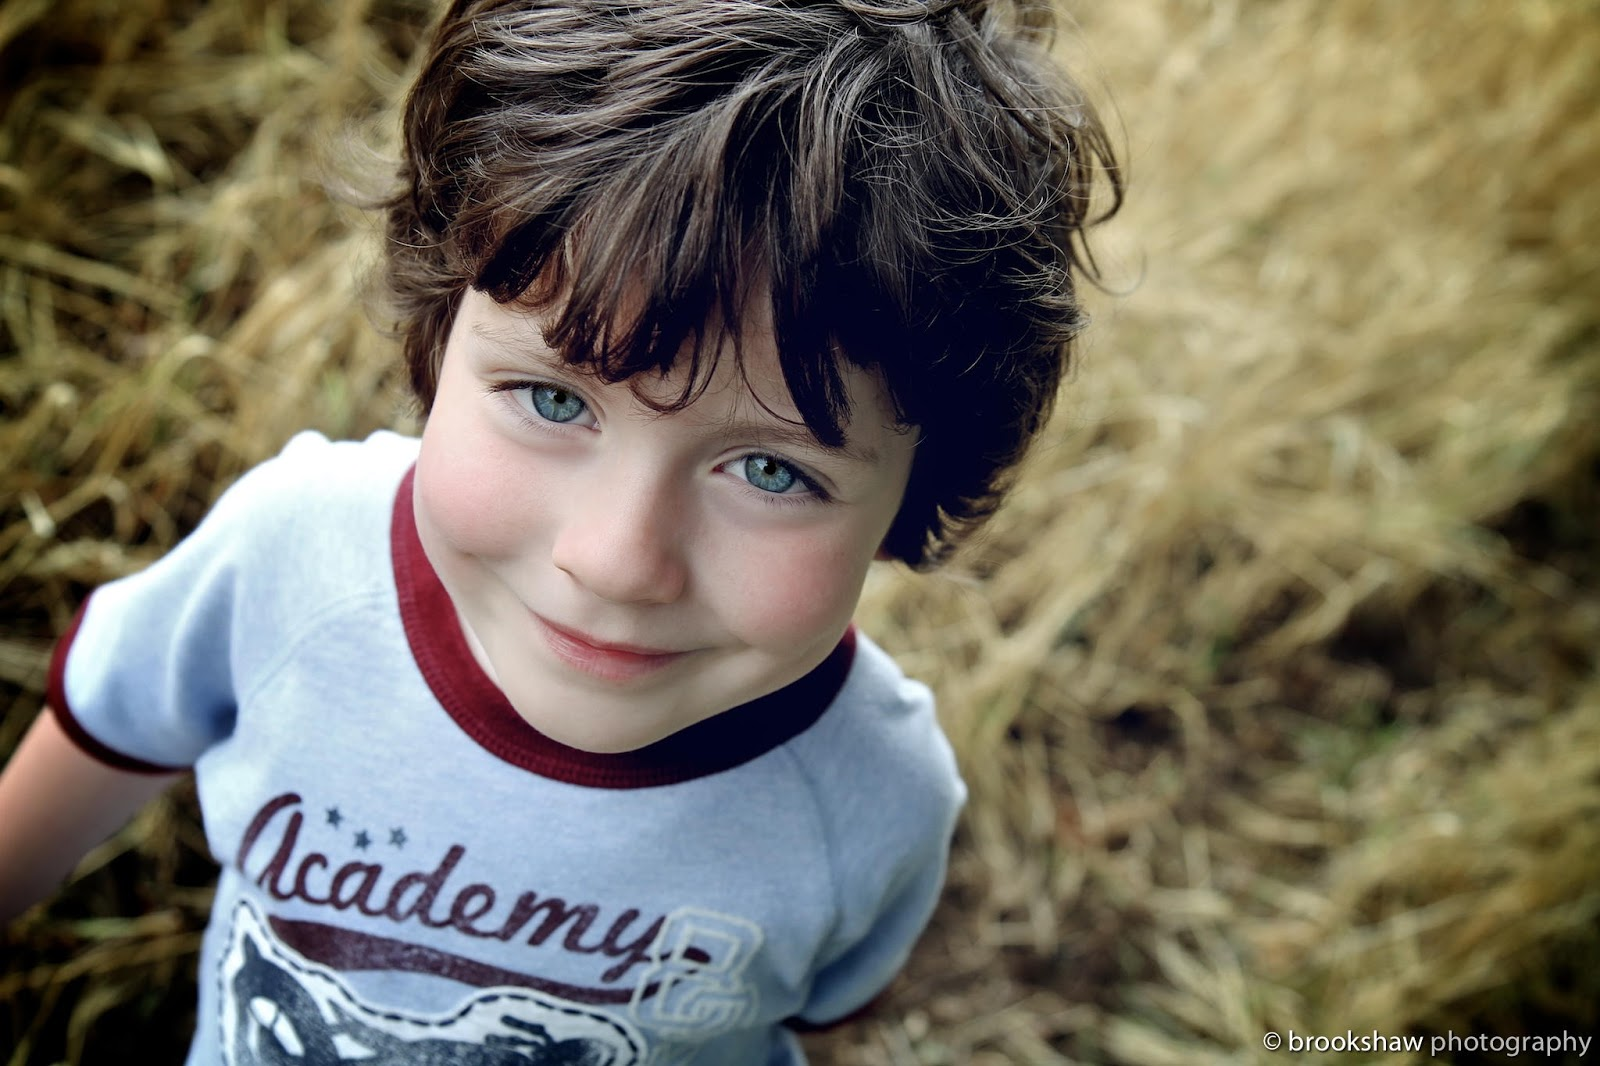 بالصور صور اولاد , اجمل اطفال اولاد كيوت 5122 5